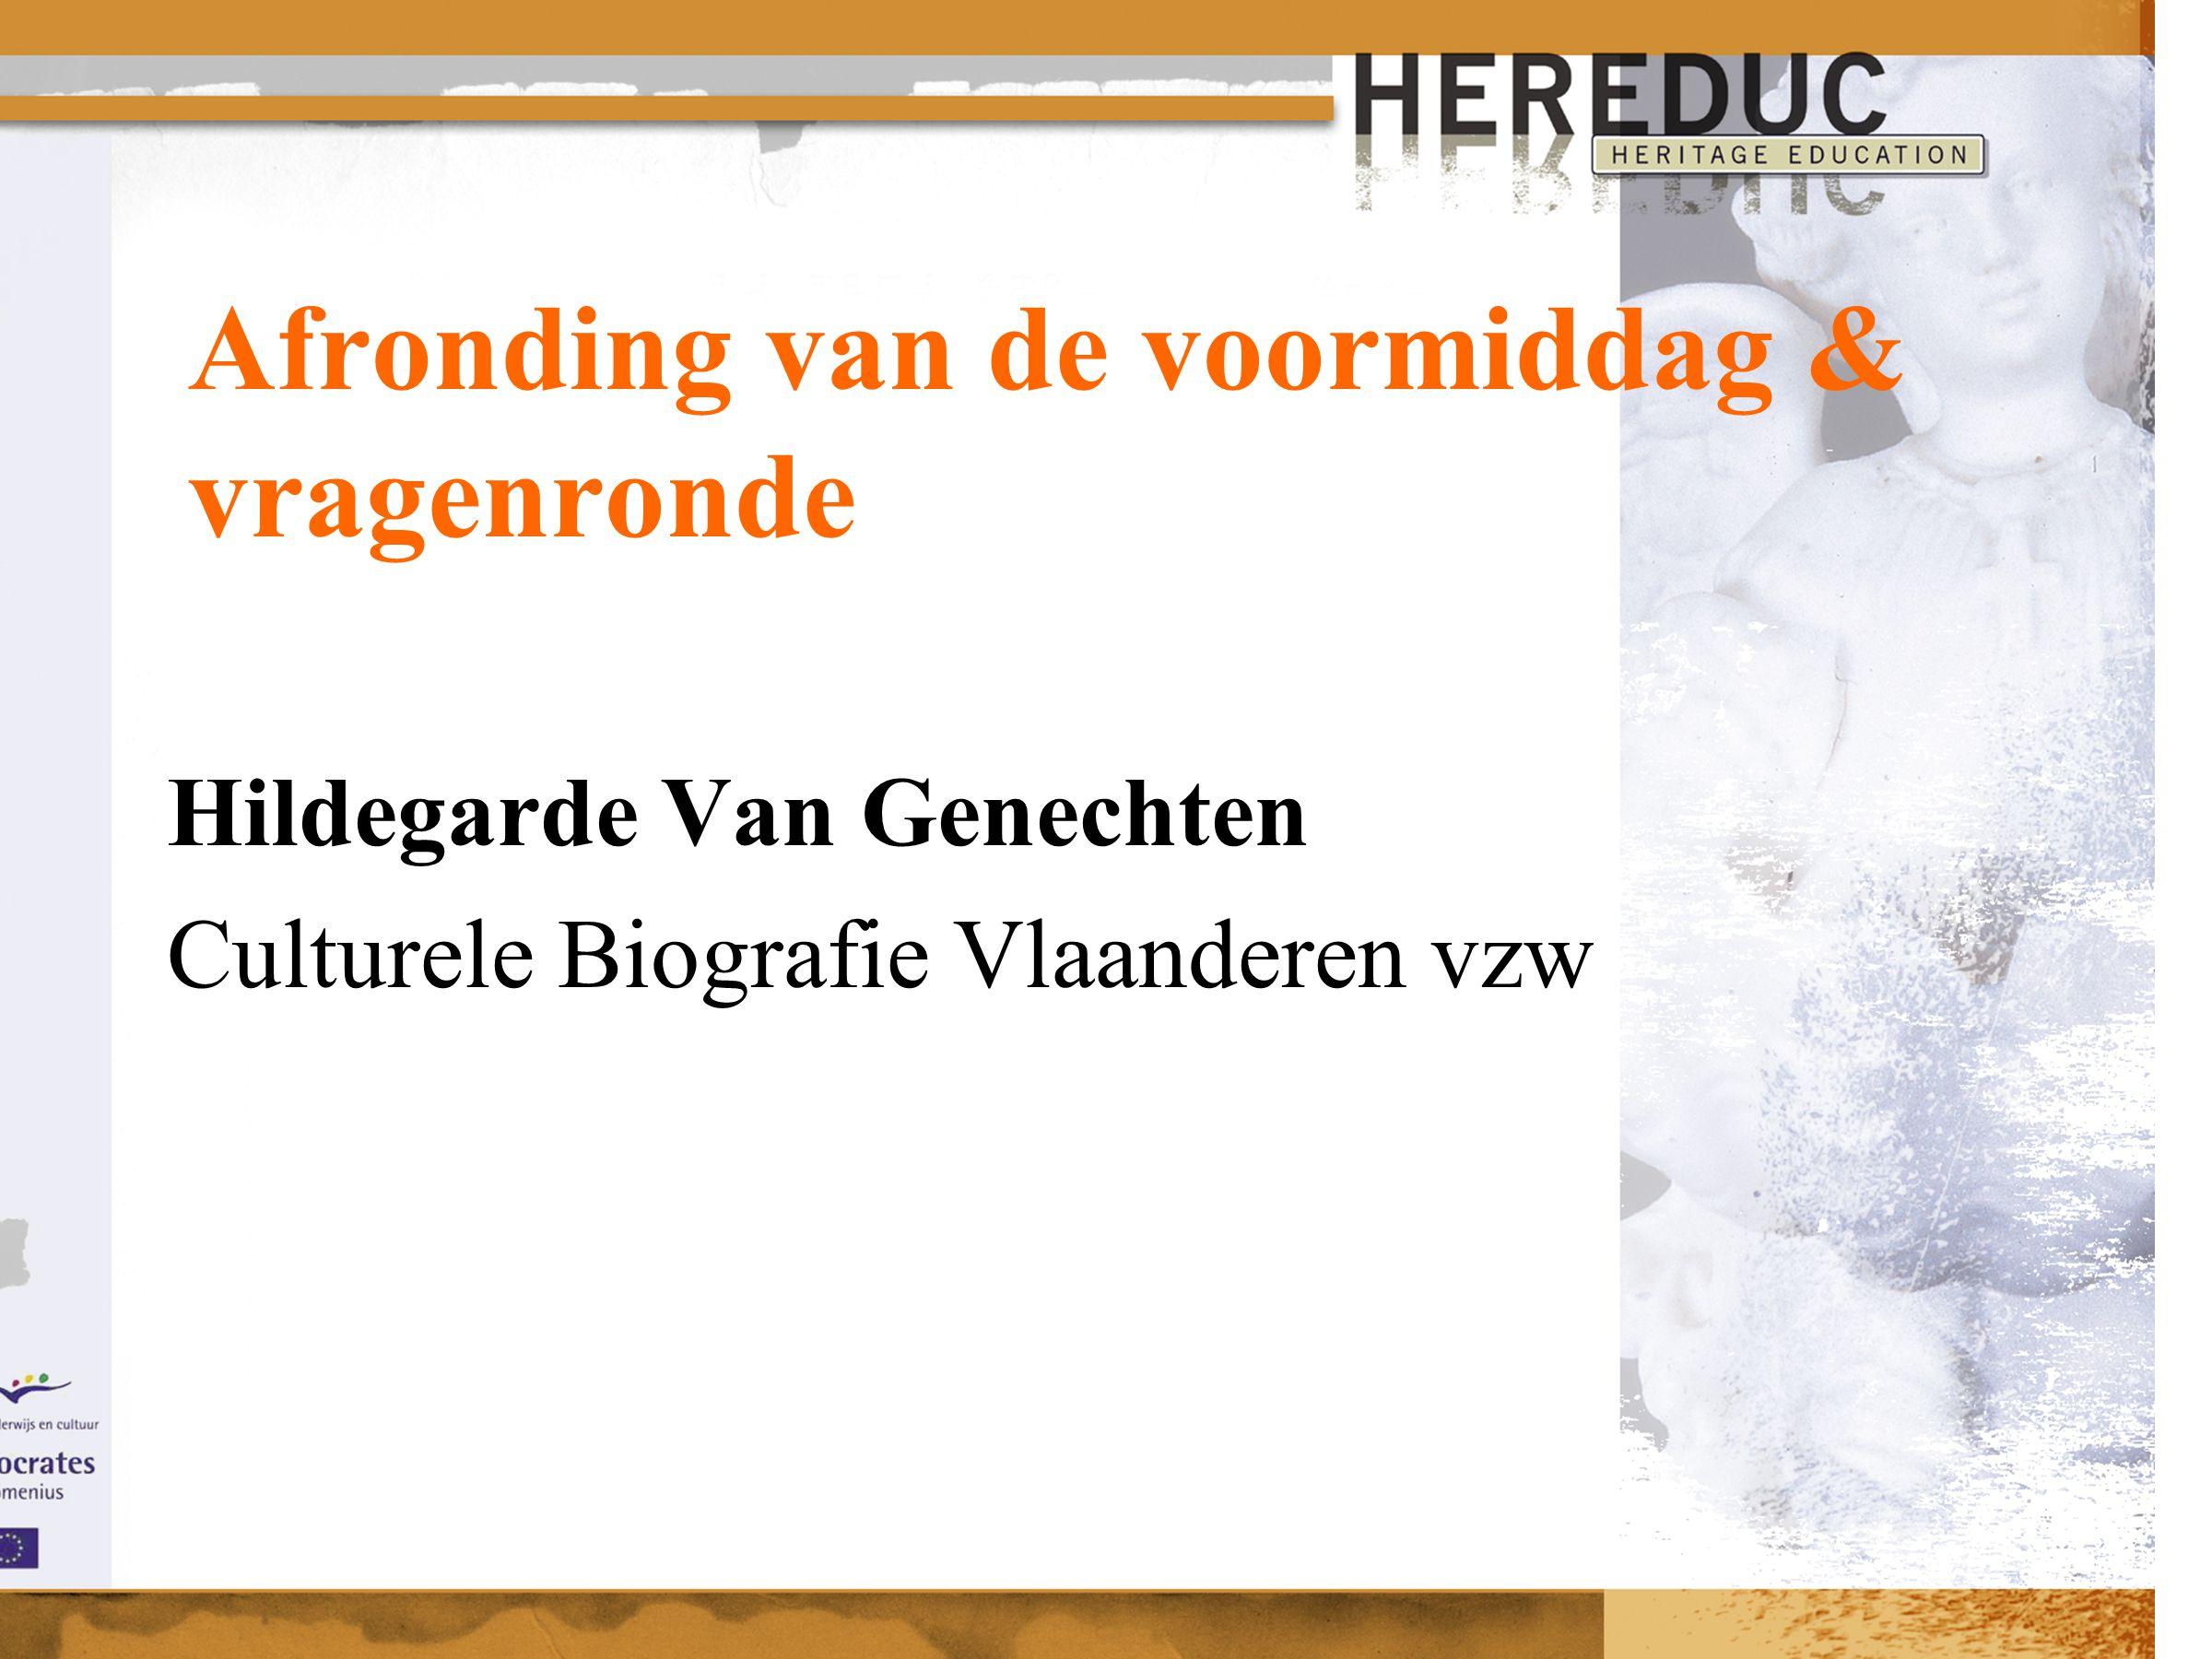 Afronding van de voormiddag & vragenronde Hildegarde Van Genechten Culturele Biografie Vlaanderen vzw